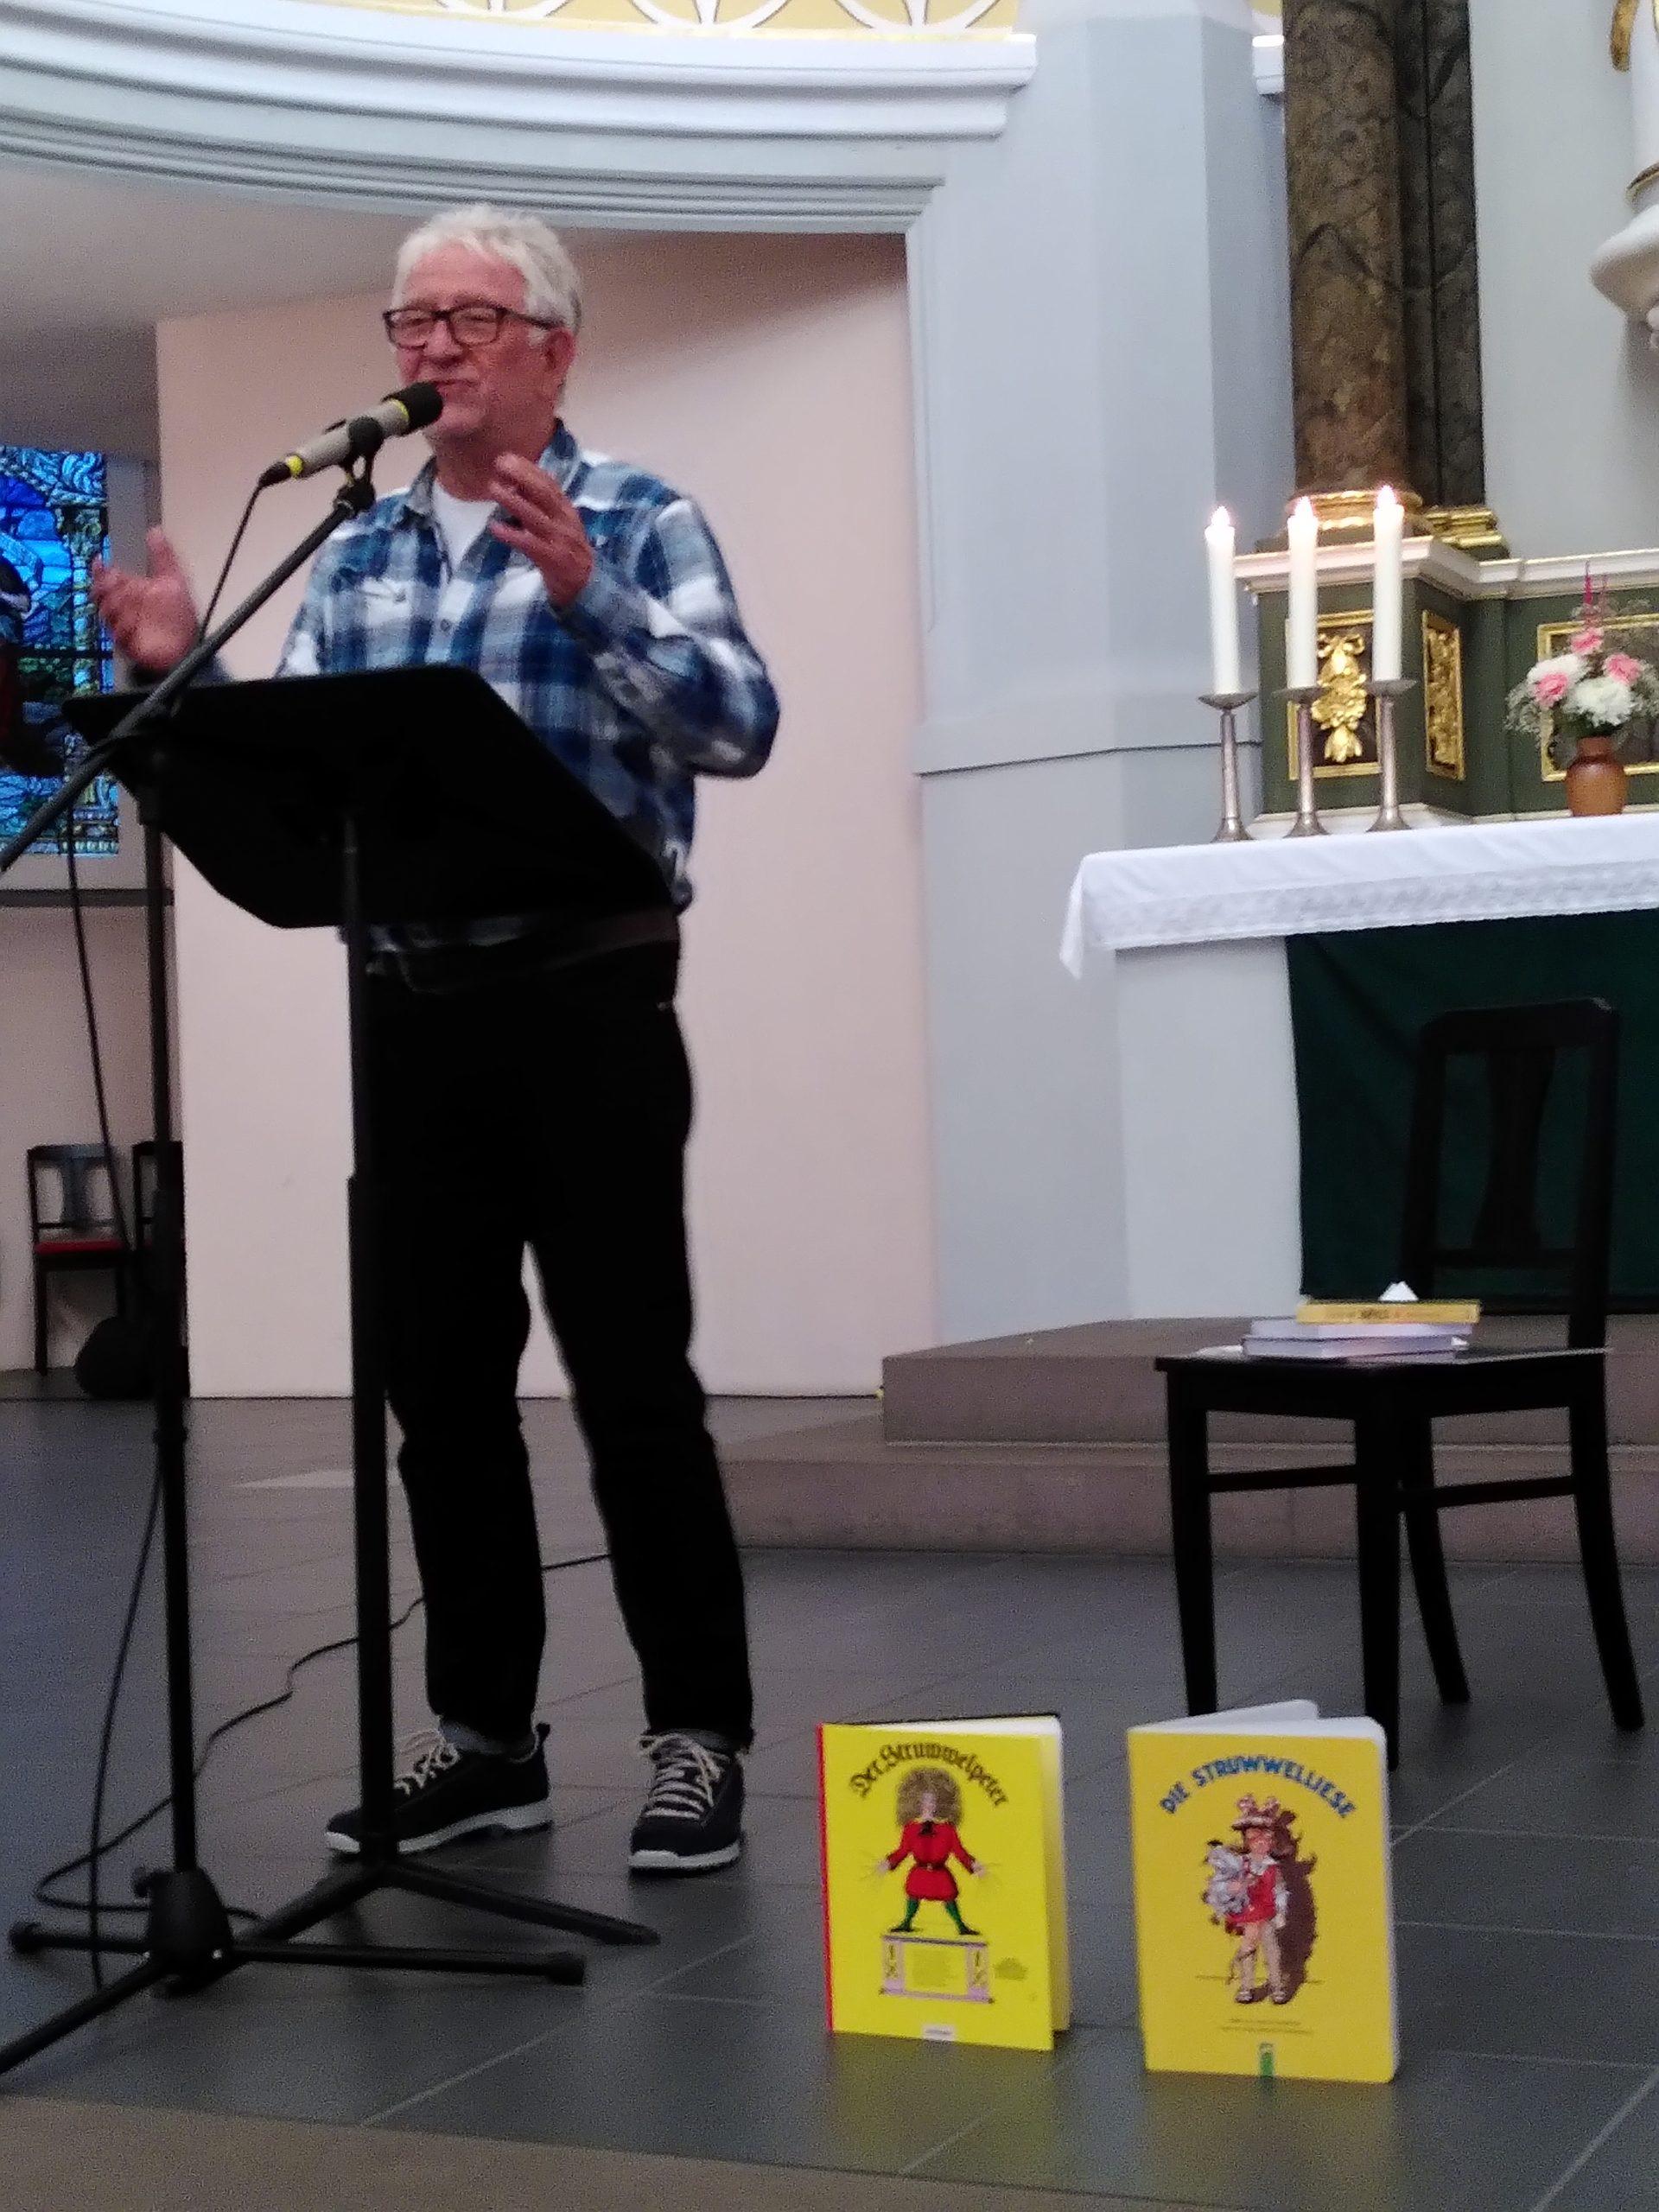 Arno Backhaus erzählt von seinem Leben als Mensch mit AD(H)S und als Vater eines Kindes mit AD(H)S